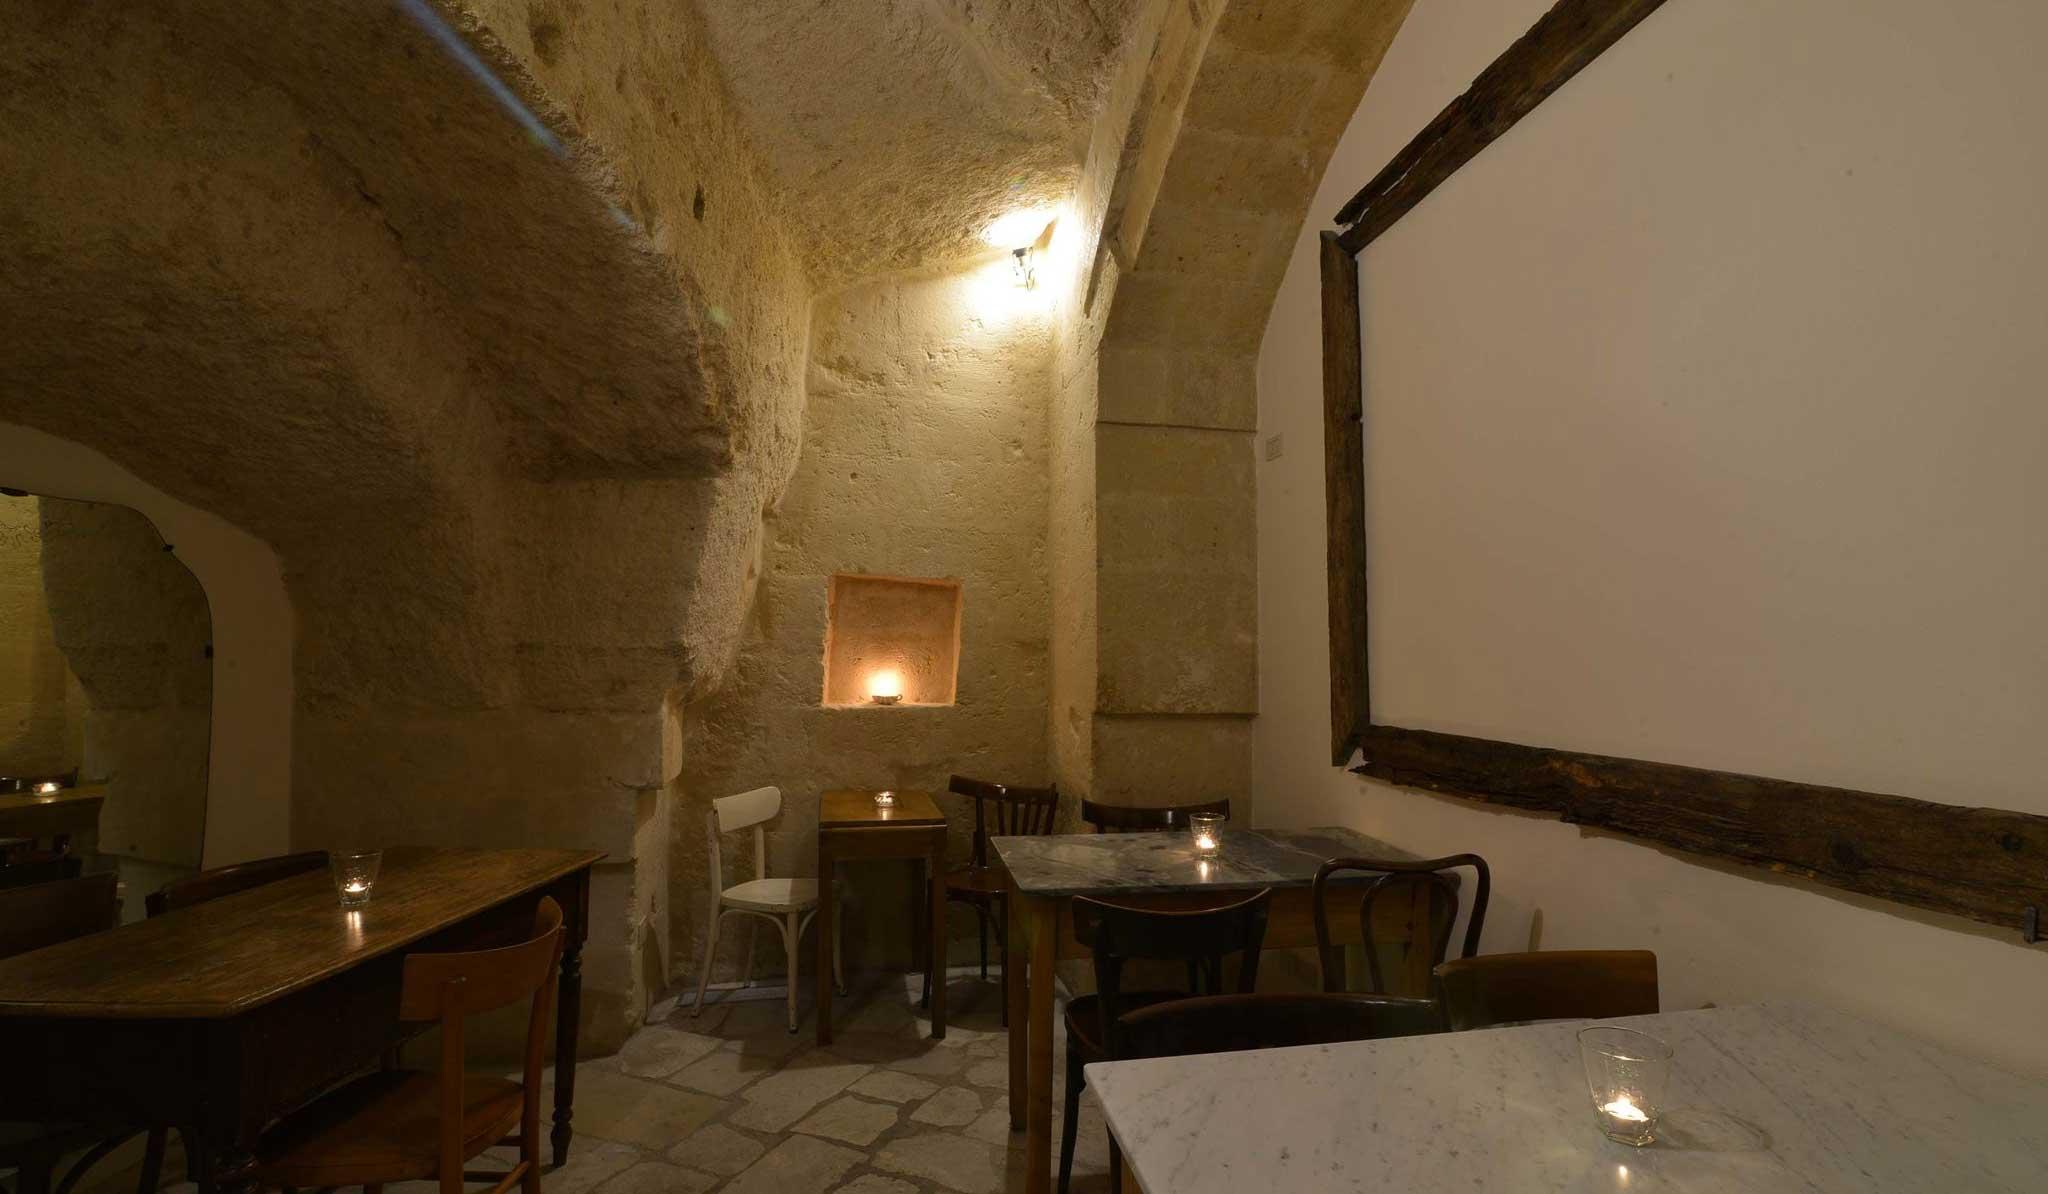 la-lopa-ristorante-pub-aperitivi-stuzzicheria-wine bar-happy-hour-sassi-di-matera-basilicata (28)